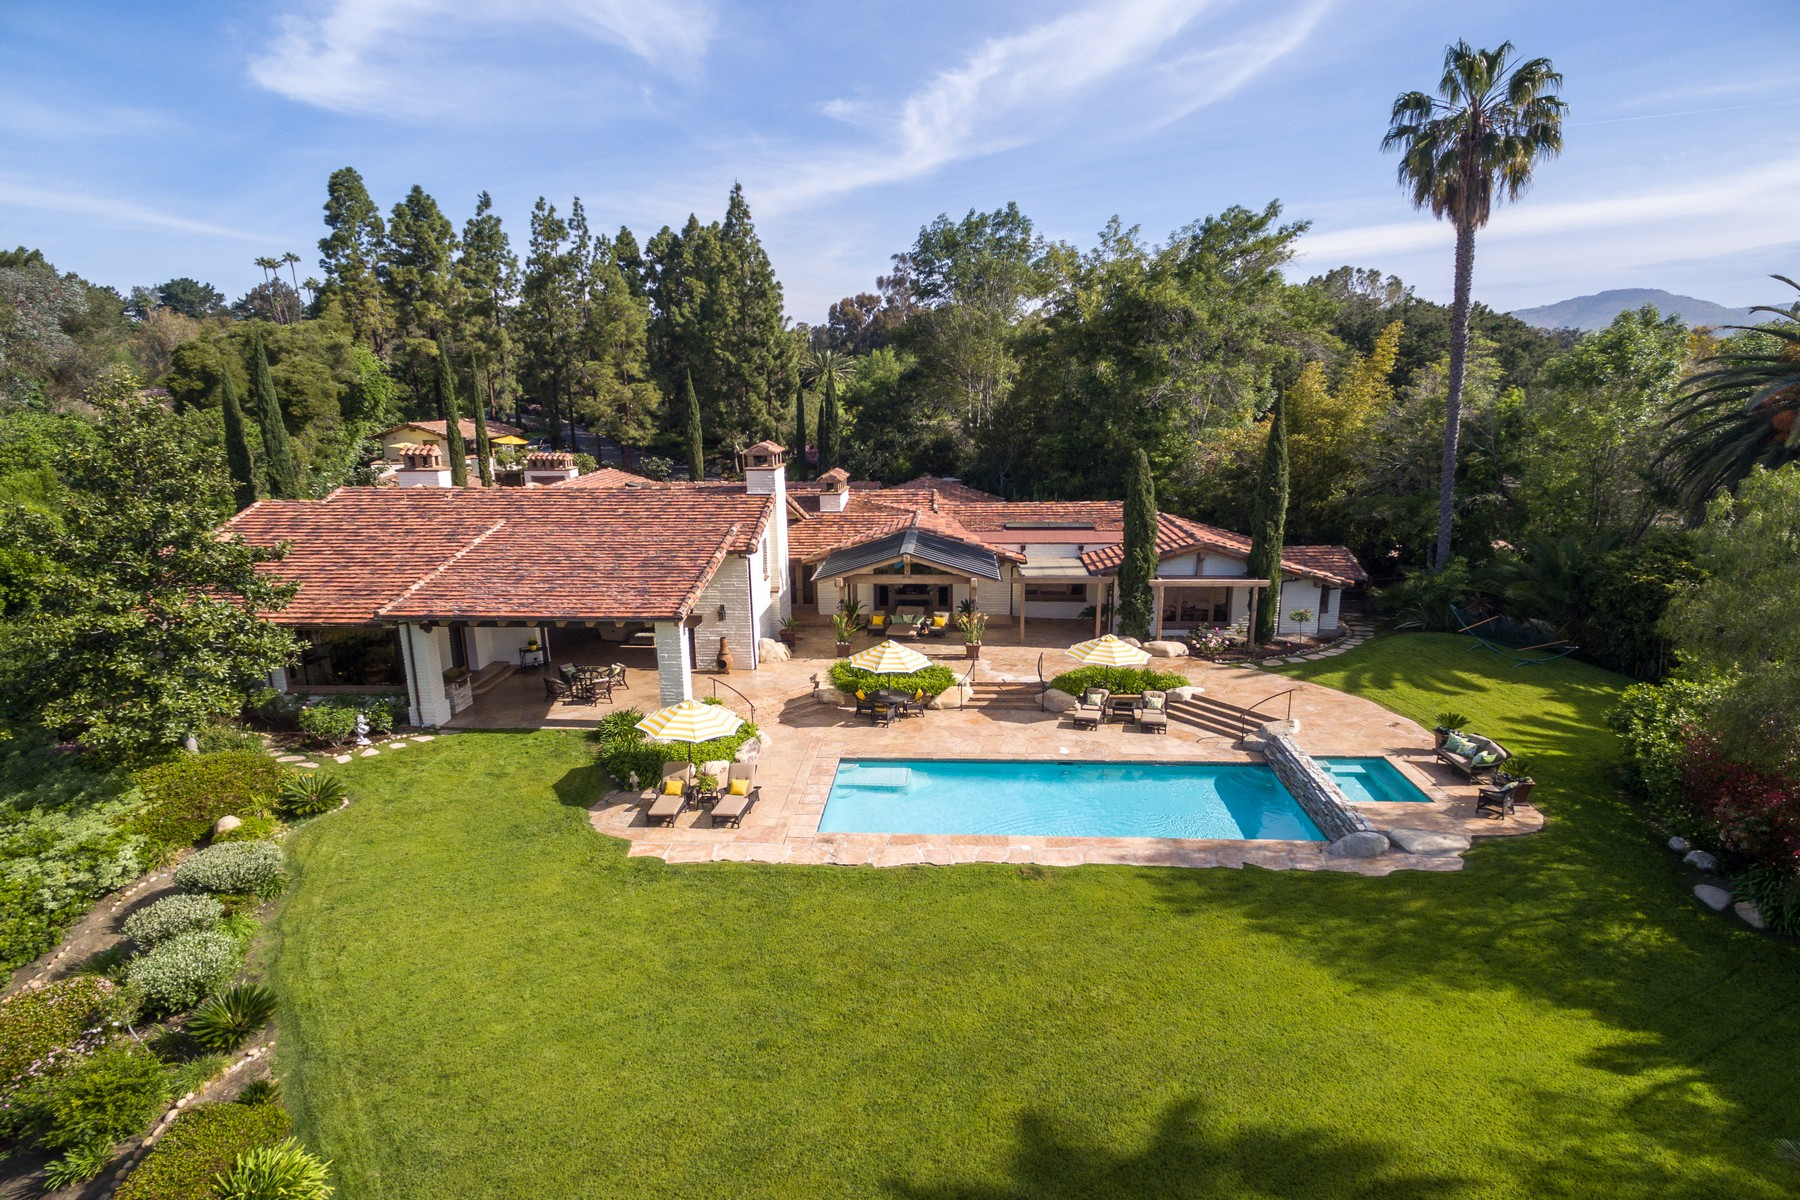 Частный односемейный дом для того Продажа на 6083 Mimulus Rancho Santa Fe, Калифорния 92067 Соединенные Штаты